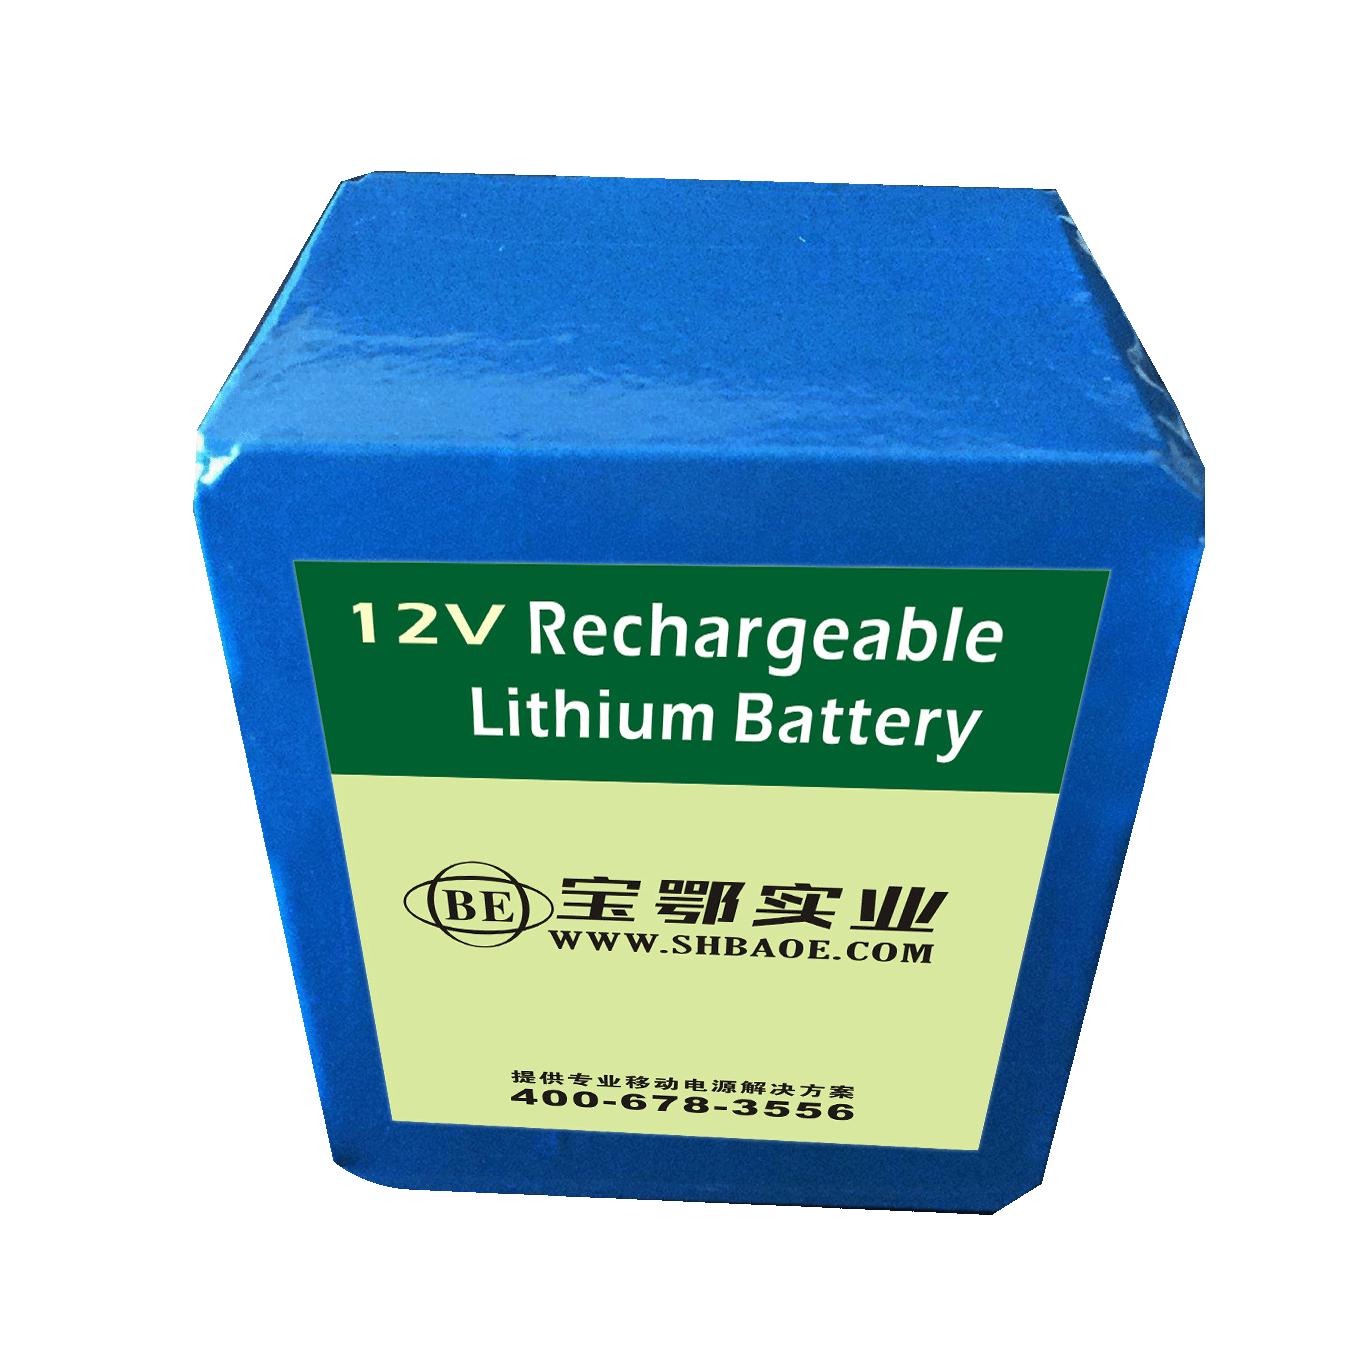 多功能胎儿监护仪智能18650锂离子电池组